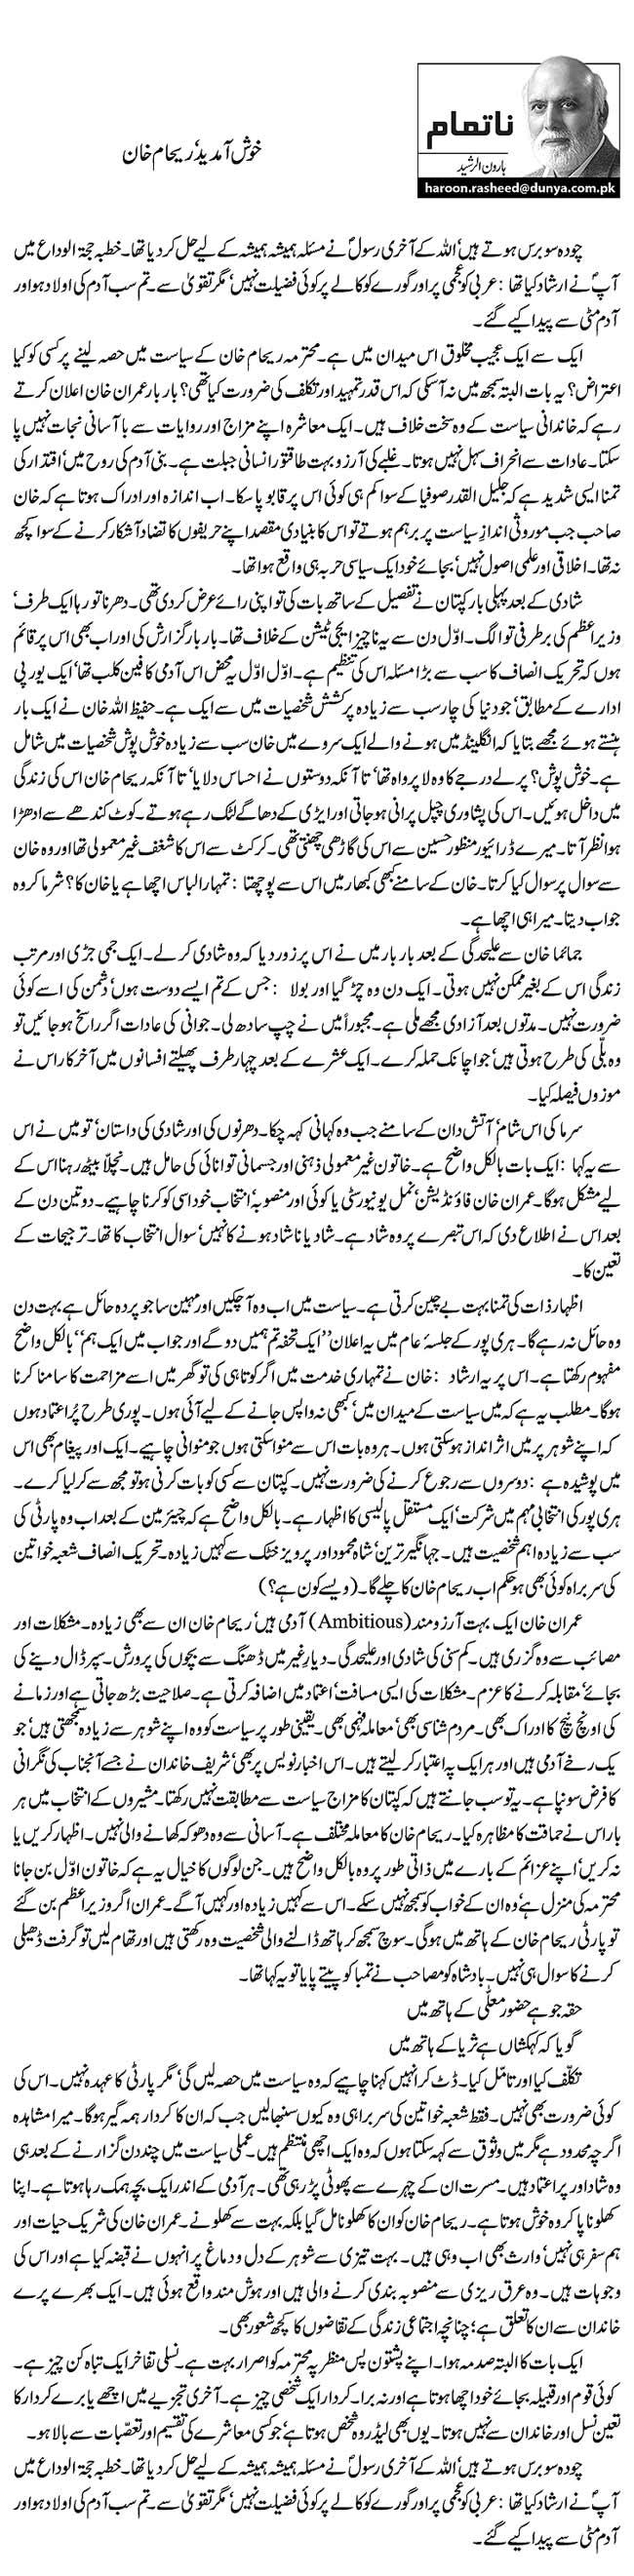 خوش آمدید' ریحام خان